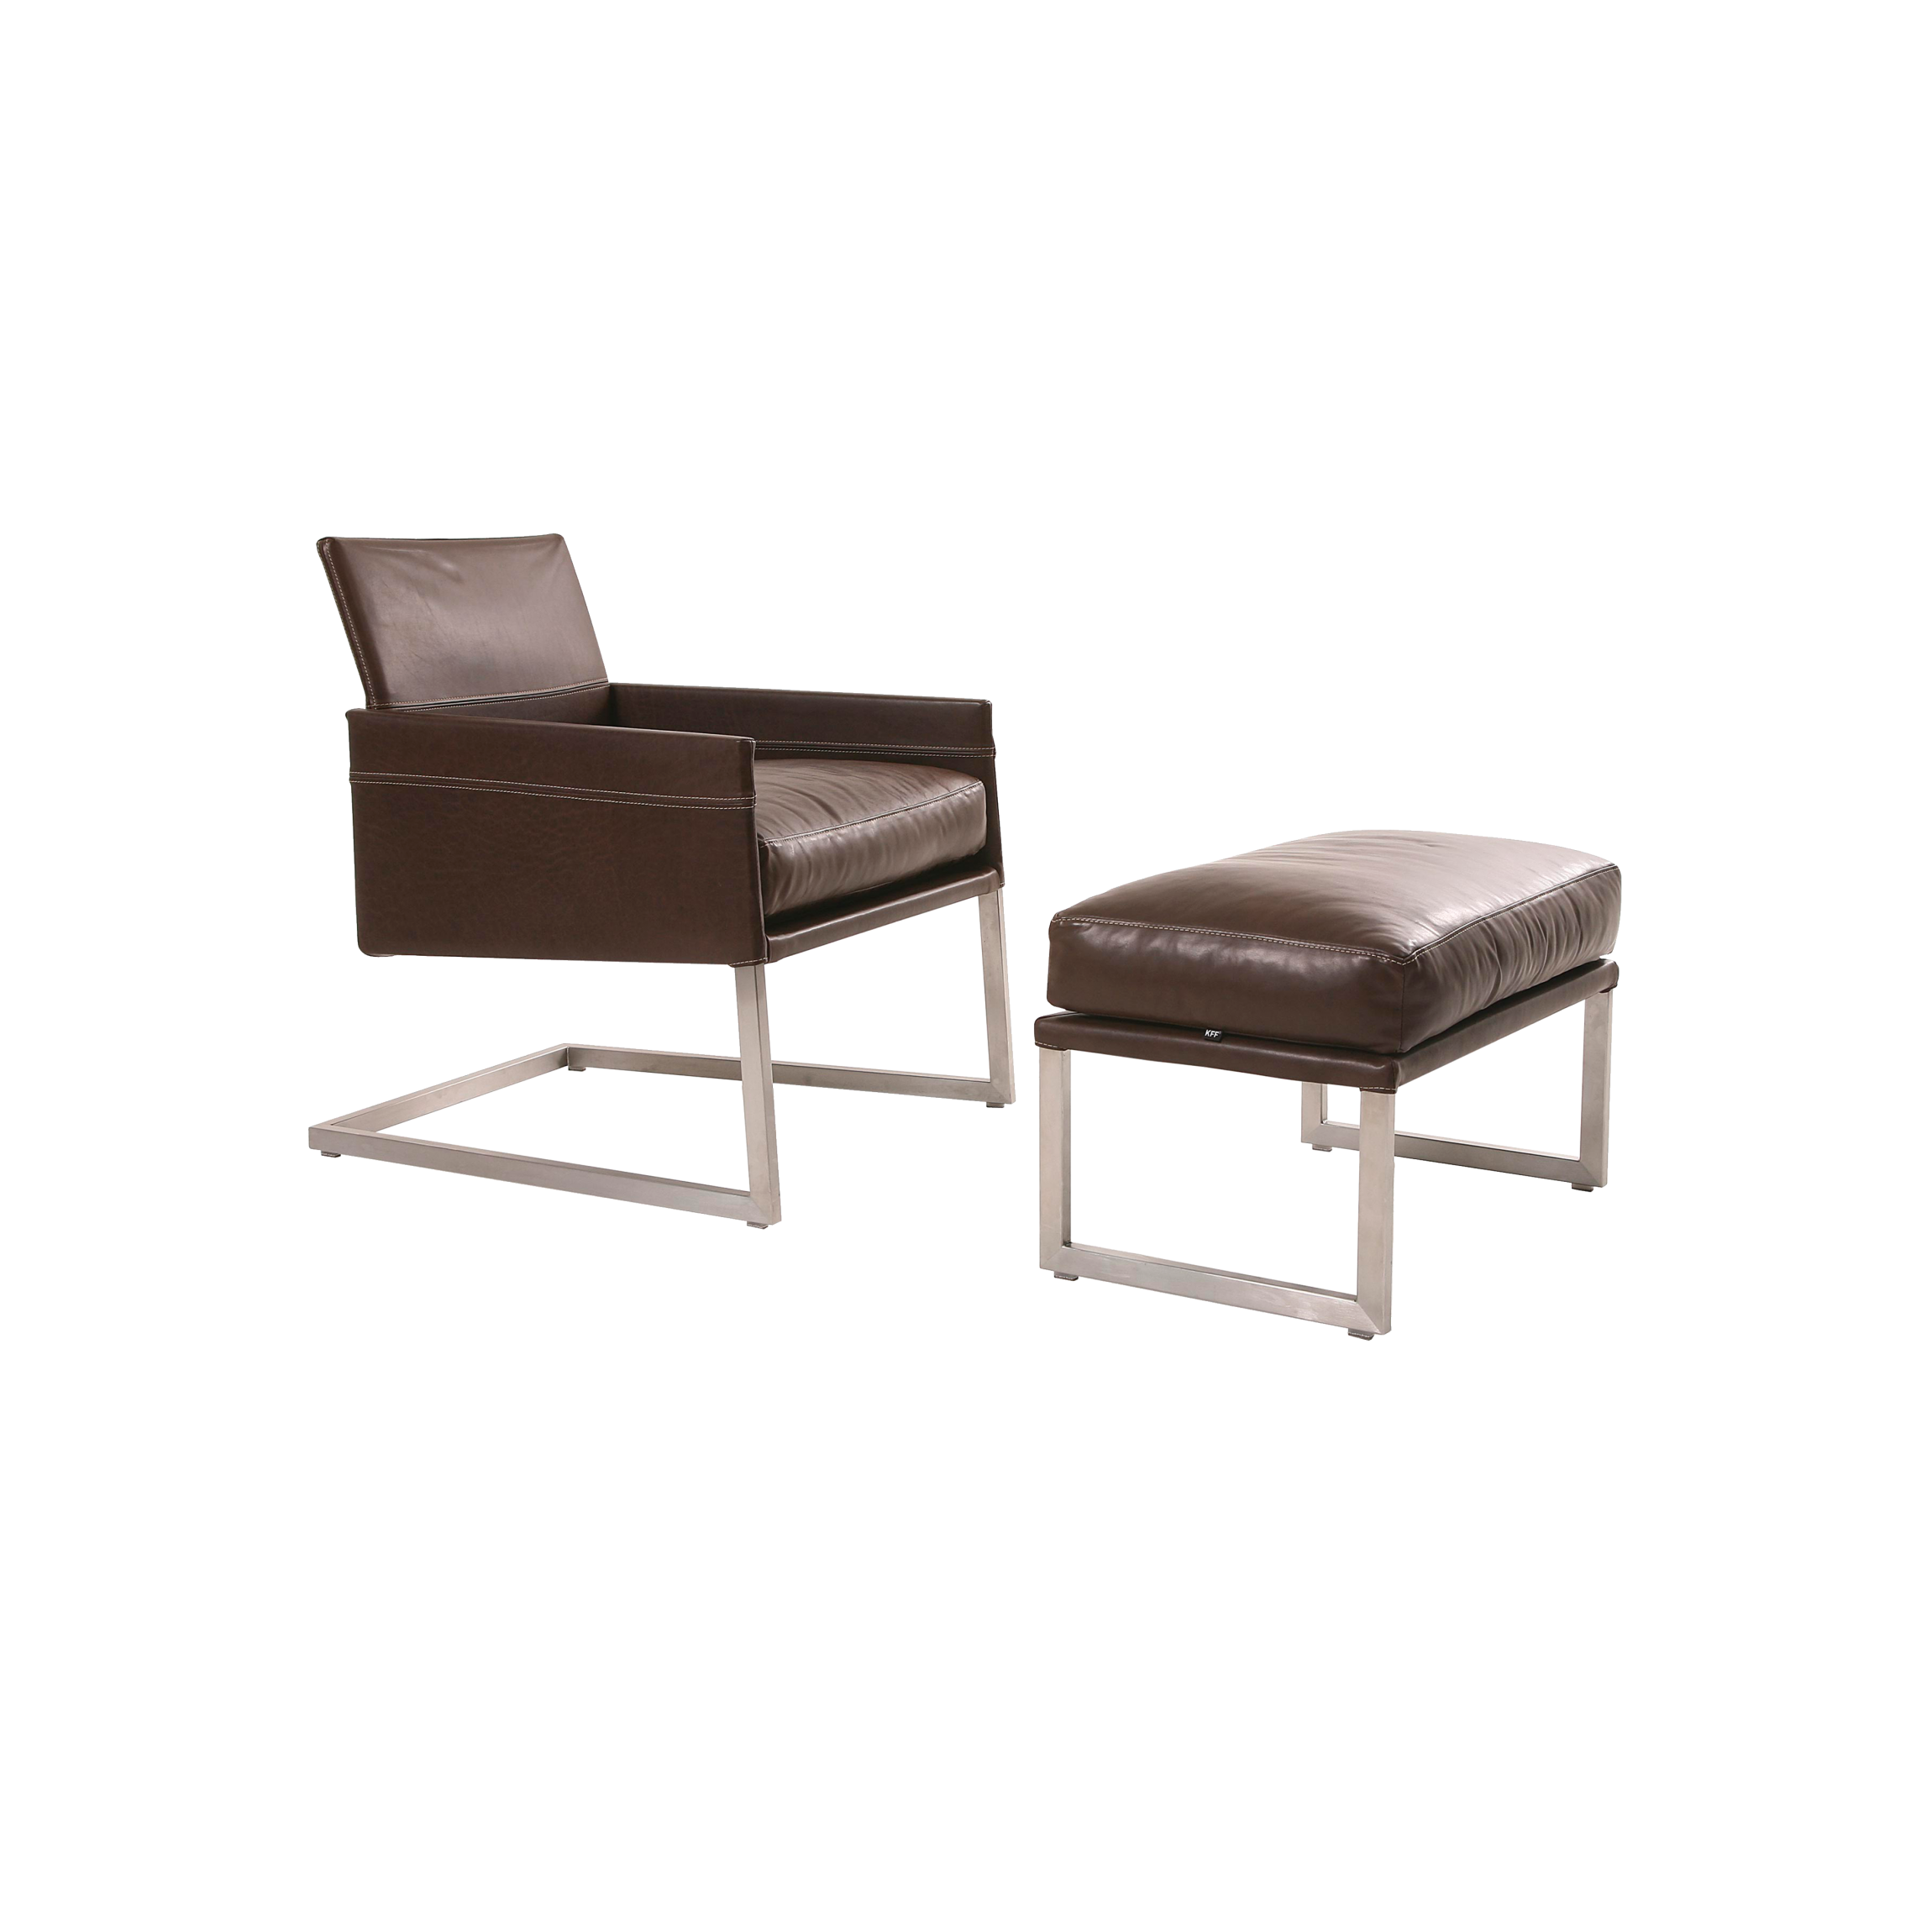 fauteuils top merken binnenhuis scheltinga baarn. Black Bedroom Furniture Sets. Home Design Ideas